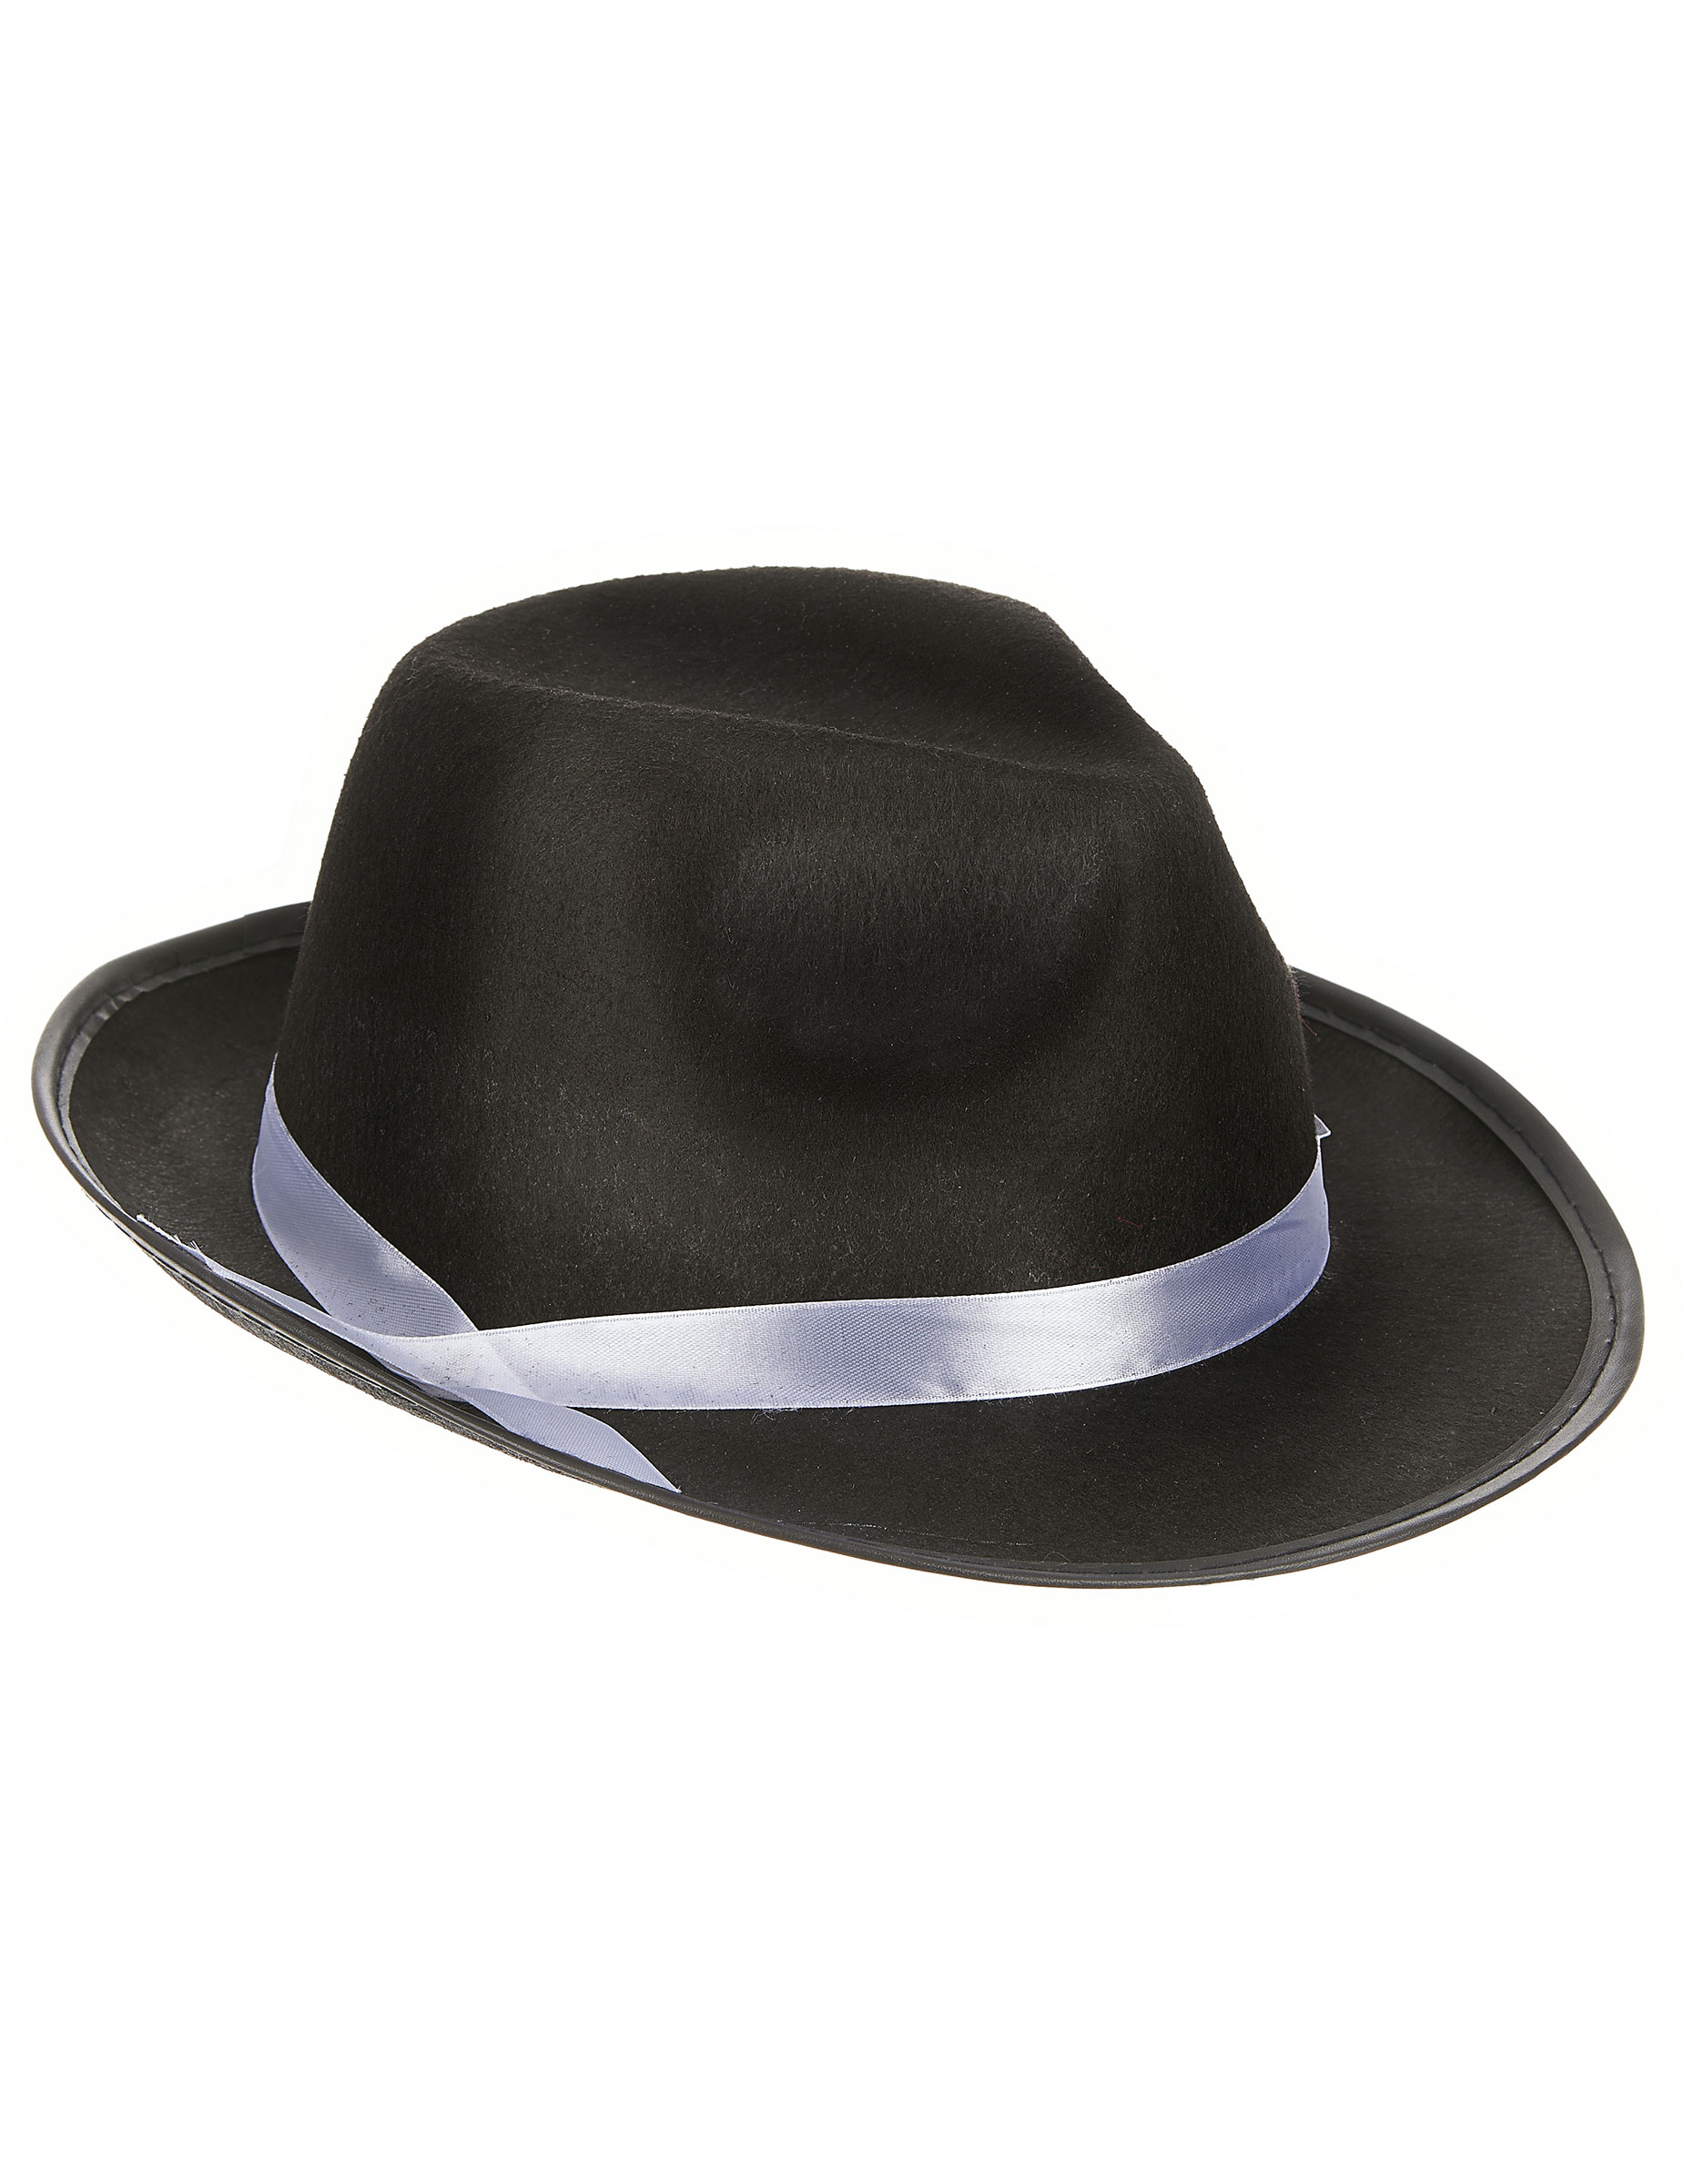 Cappello da gangster nero per adulto su VegaooParty ba4abe9a3cc9